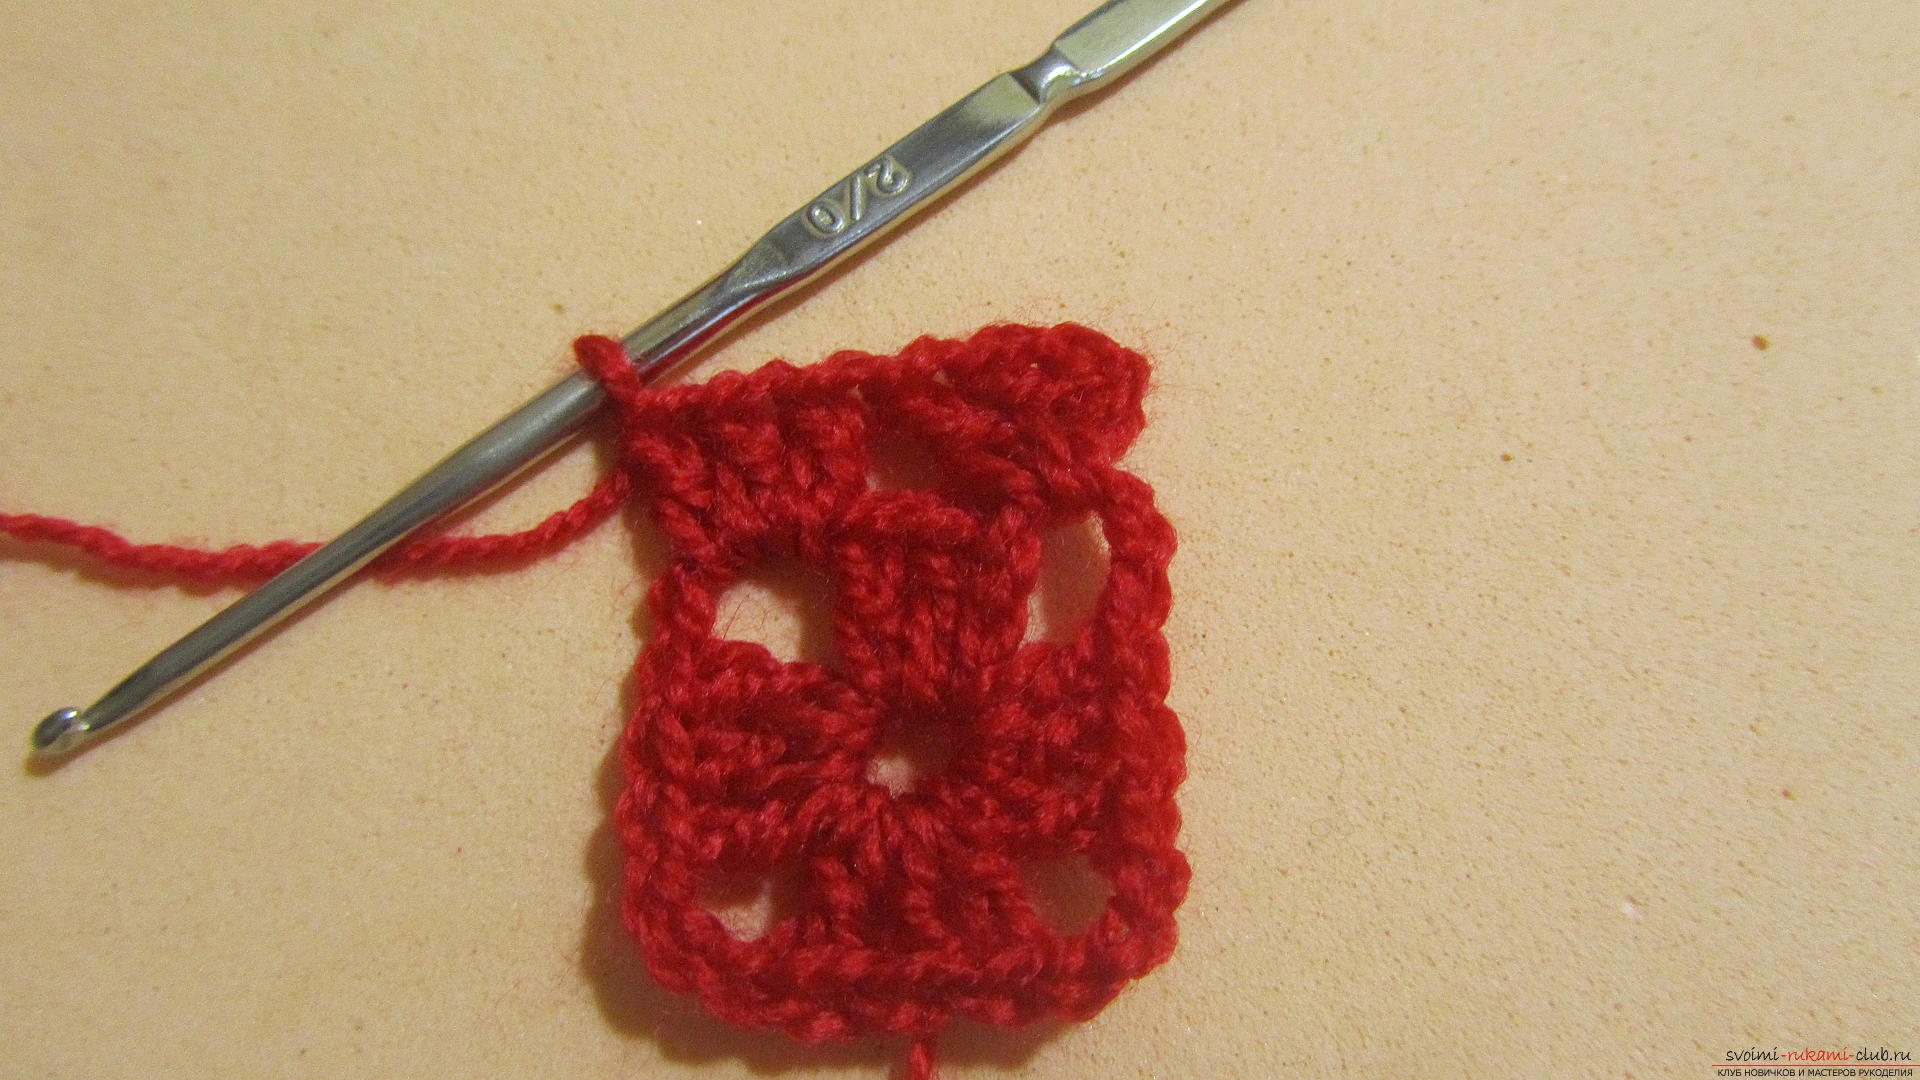 Одежду для мягких игрушек можно связать крючком своими руками, будем одевать игрушечную обезьянку.. Фото №43